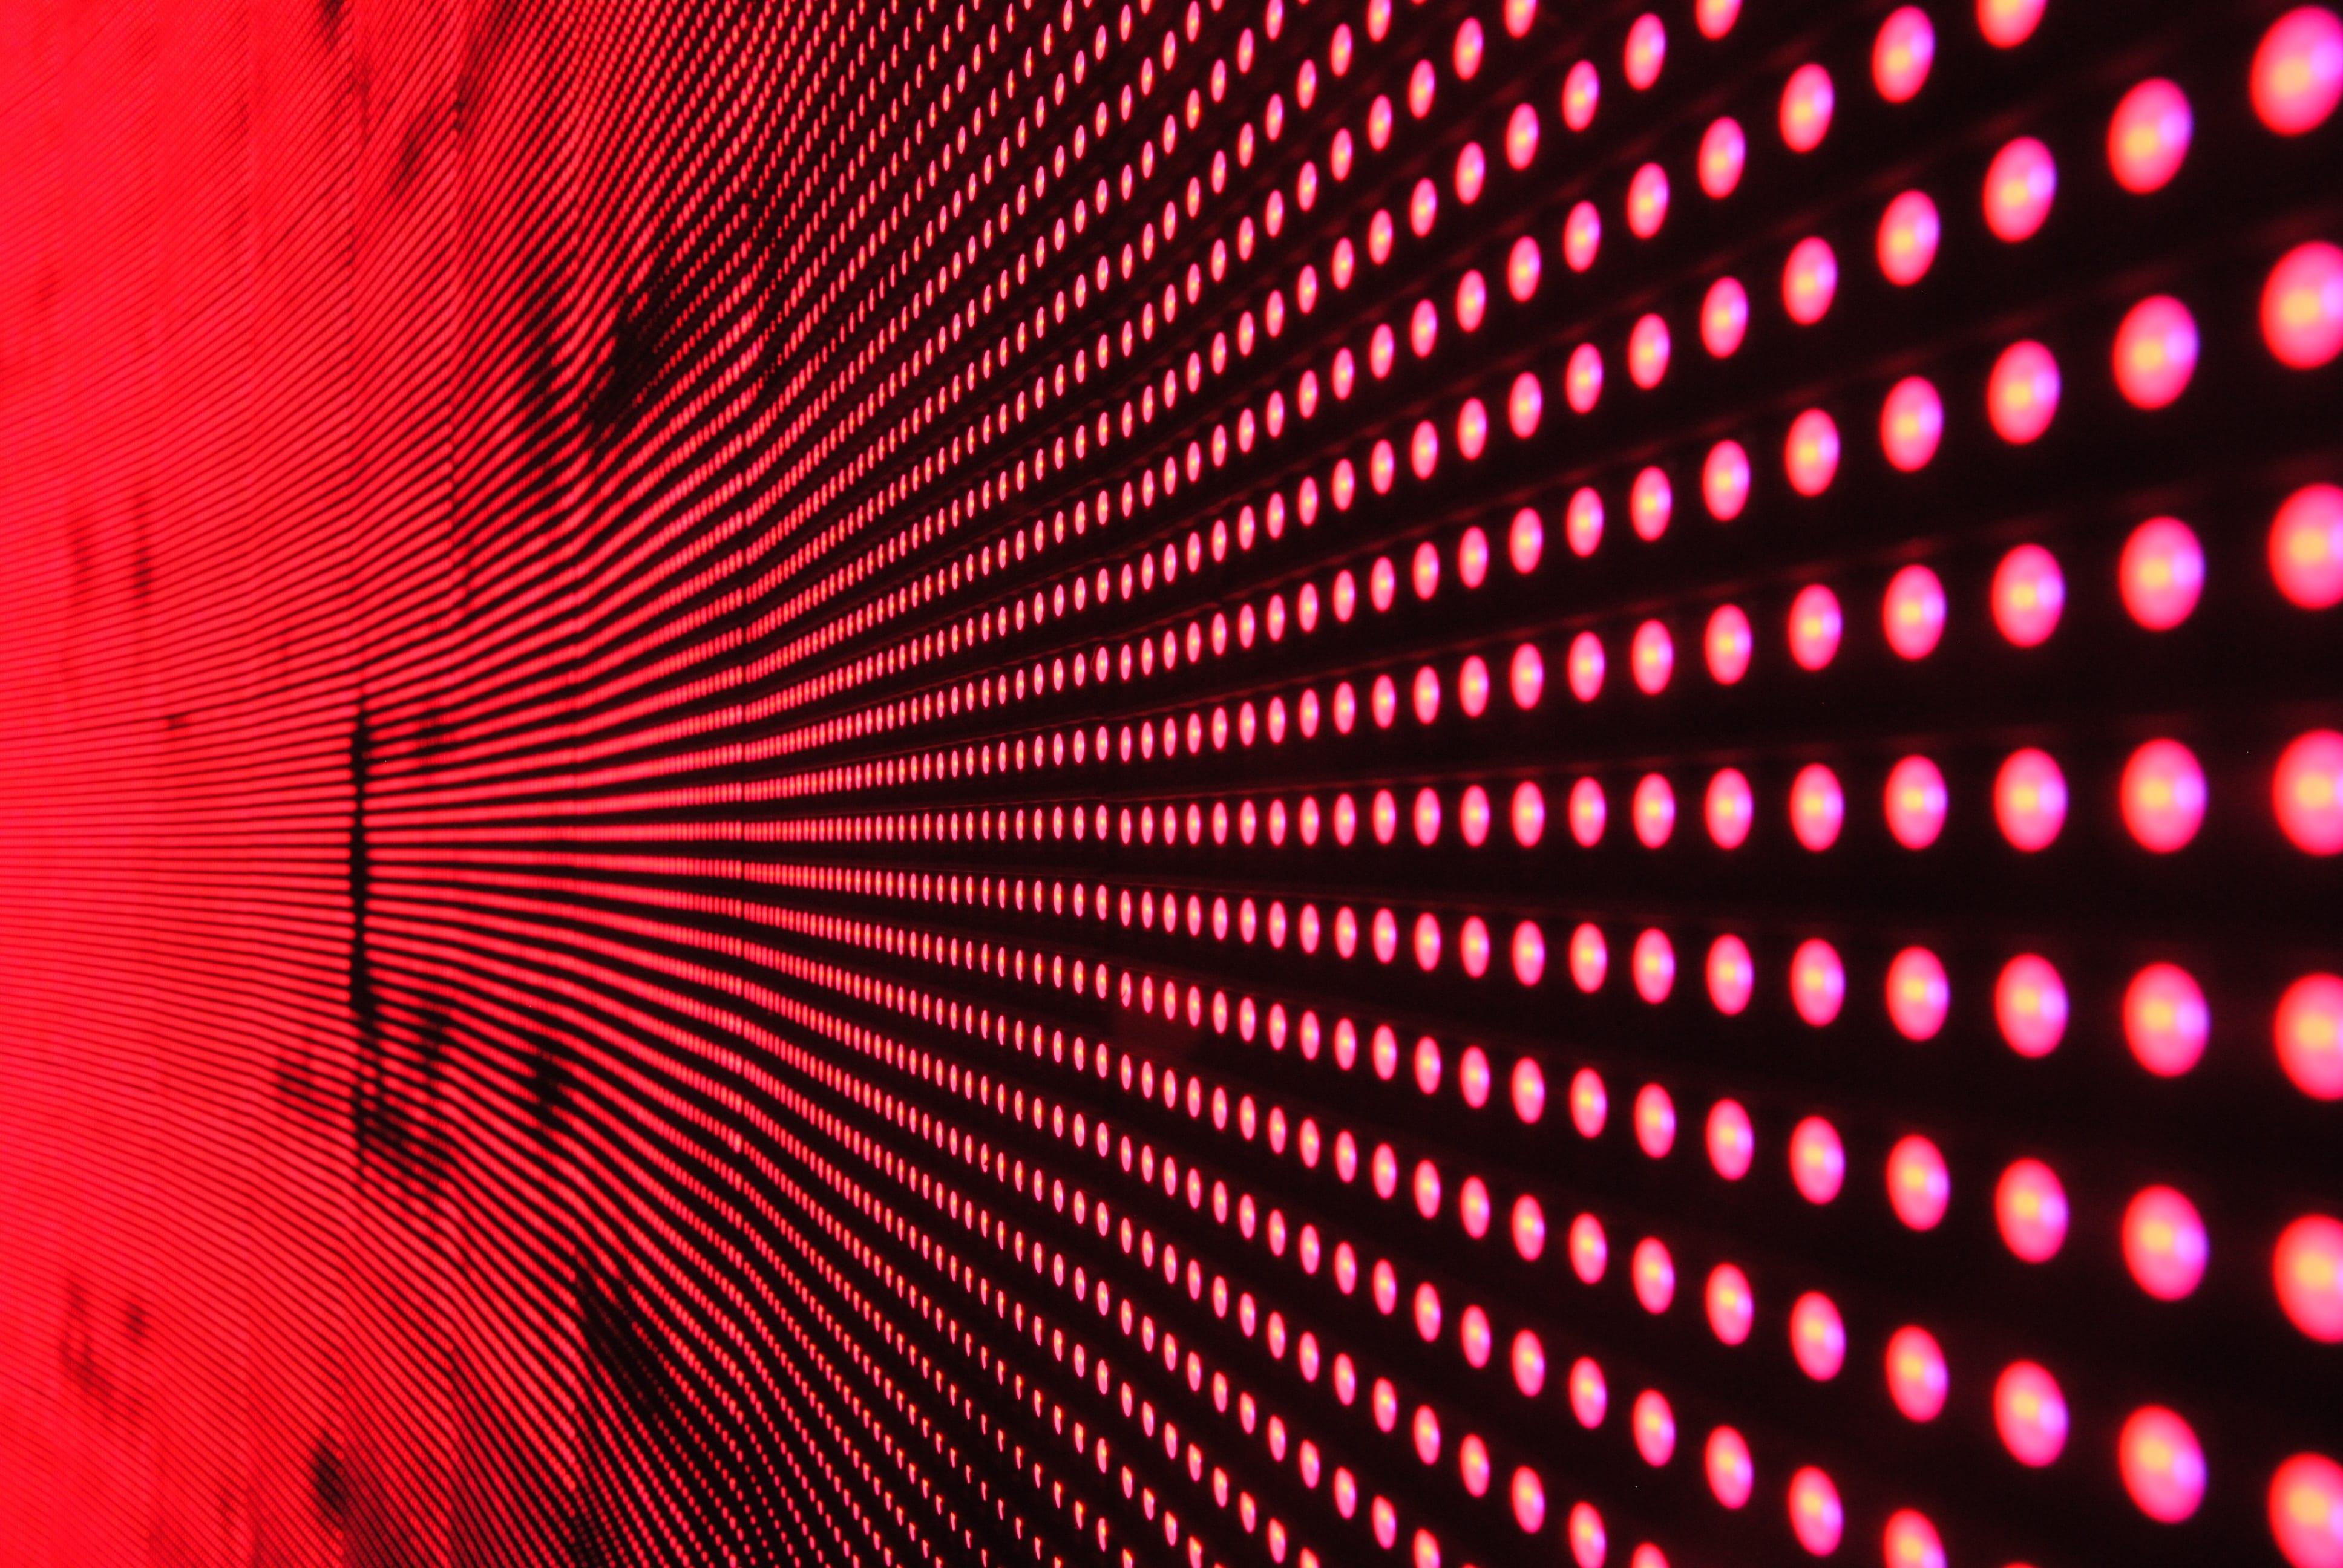 griglia di luci rosse